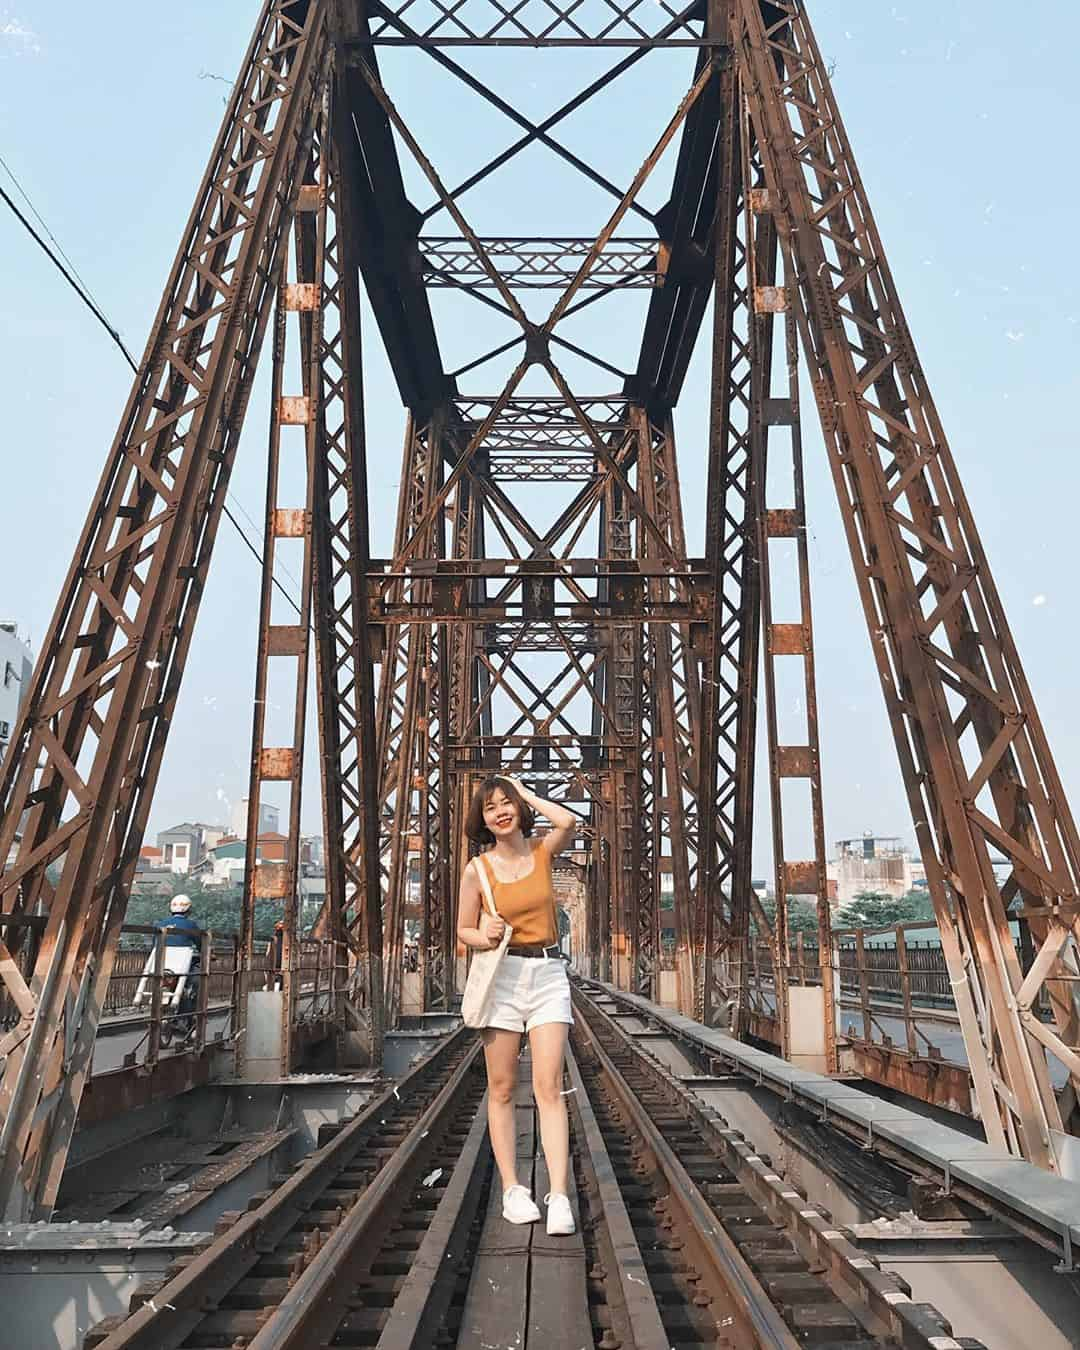 Cầu Long Biên mang vẻ đẹp cổ kính. Ảnh: @phuongnt93